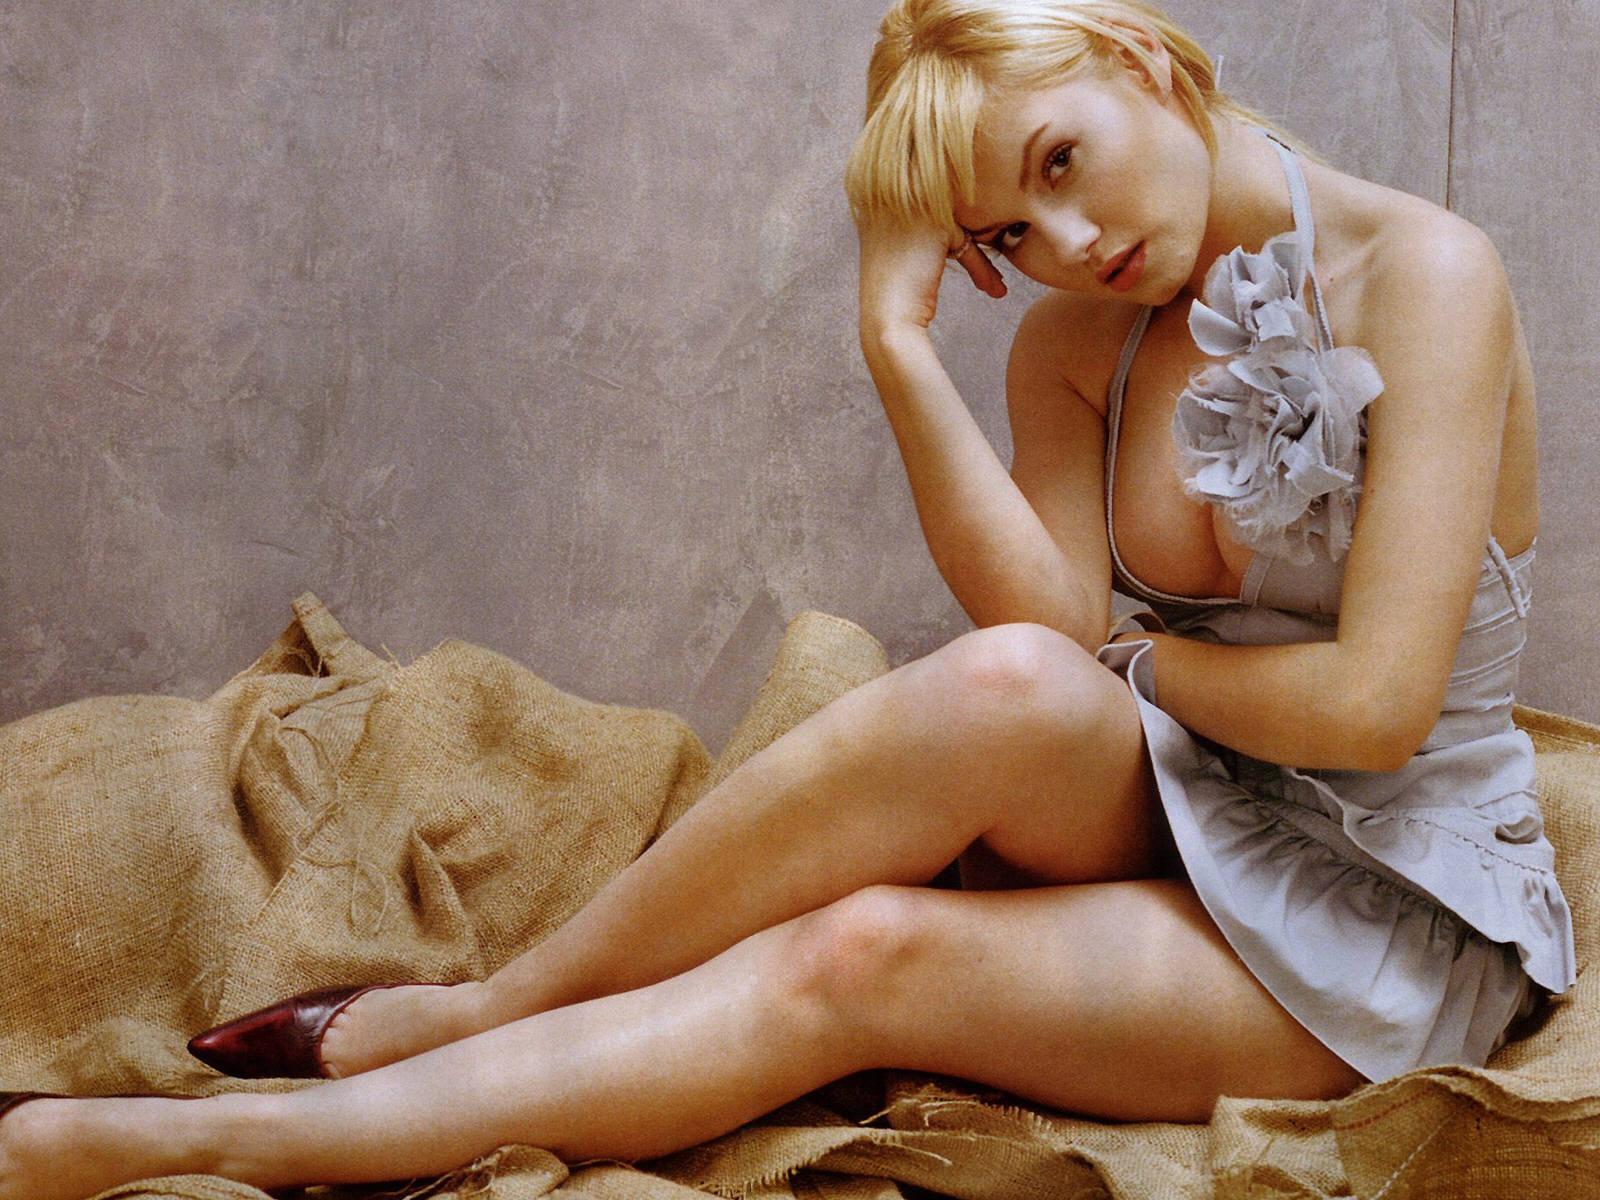 http://1.bp.blogspot.com/-Gtqe0cZvpTs/TeydApzspeI/AAAAAAAABJc/6D4-ypEJaOA/s1600/Elisha-Cuthbert.jpg